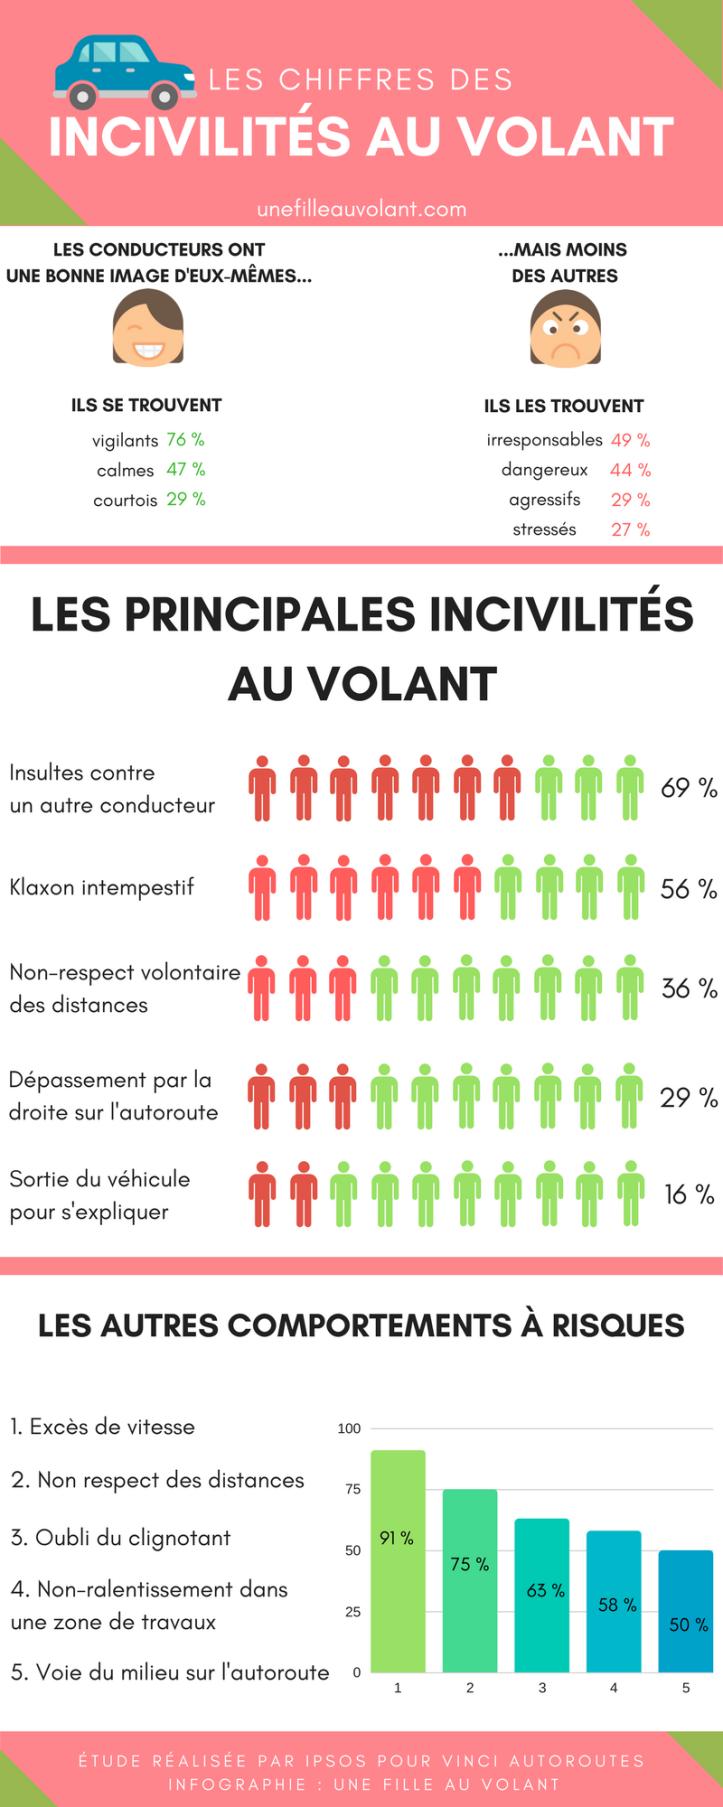 infographie _ les chiffres des incivilités au volant-3